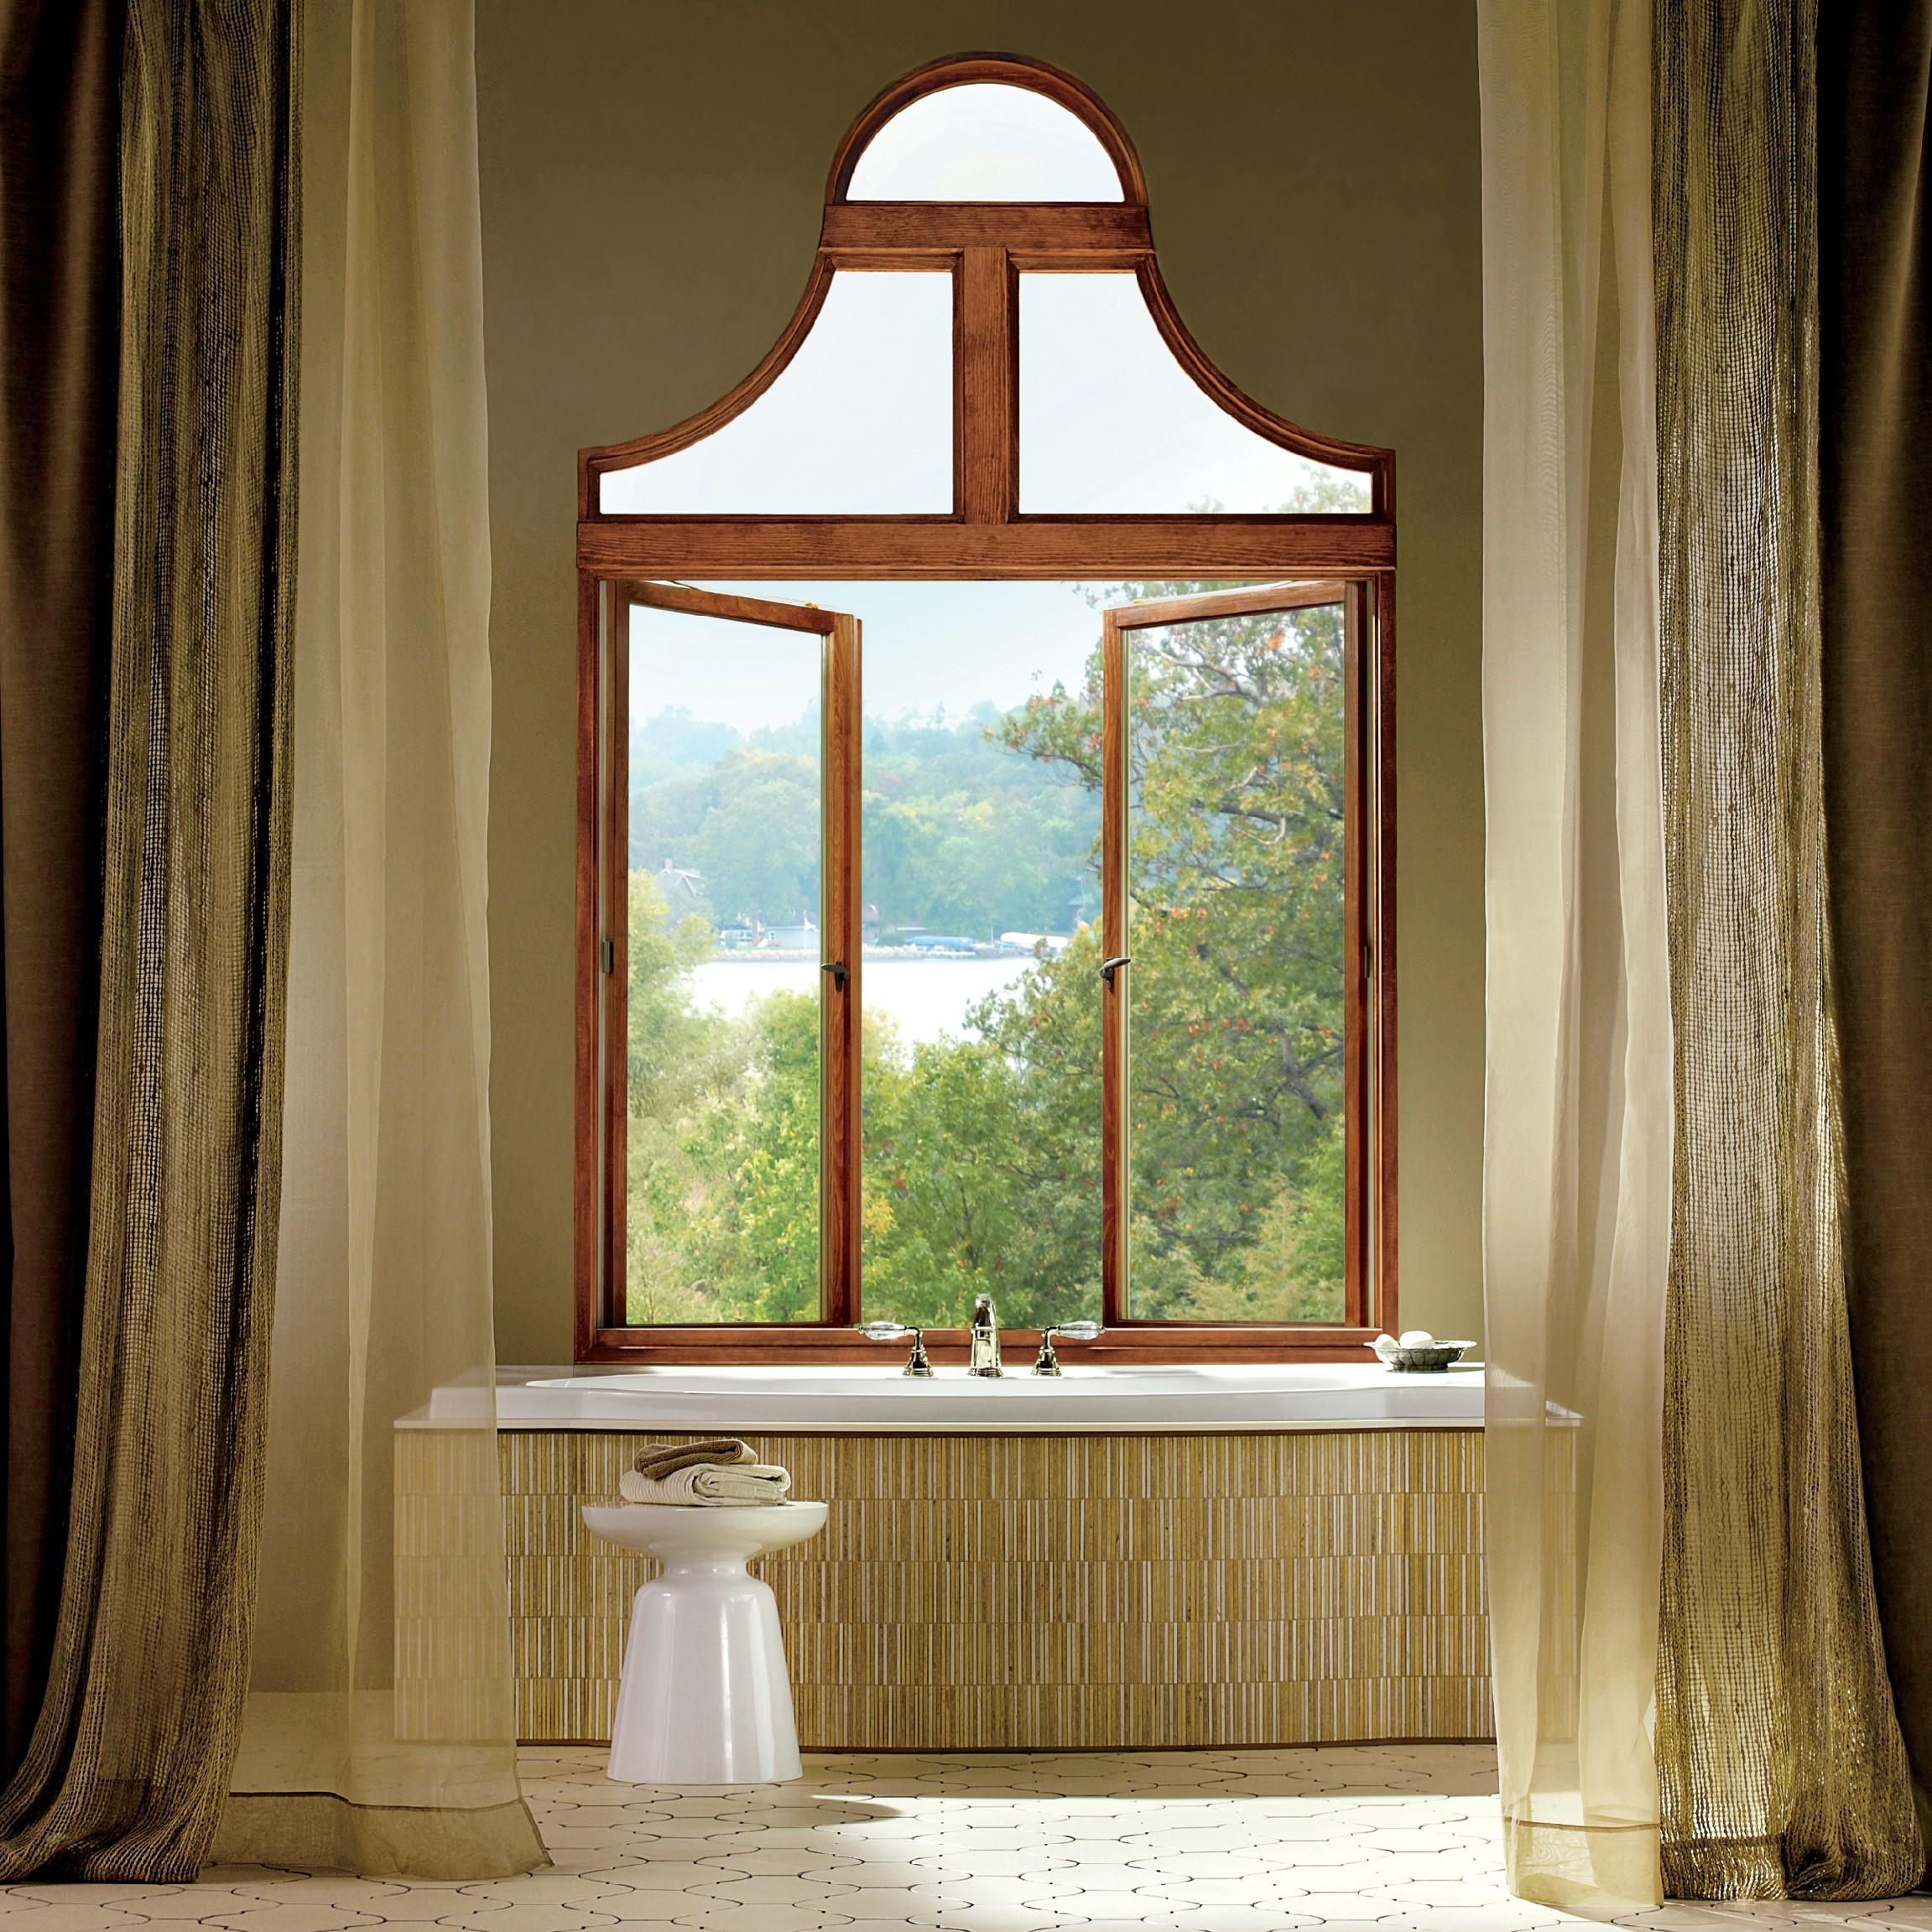 Casement windows in bedroom